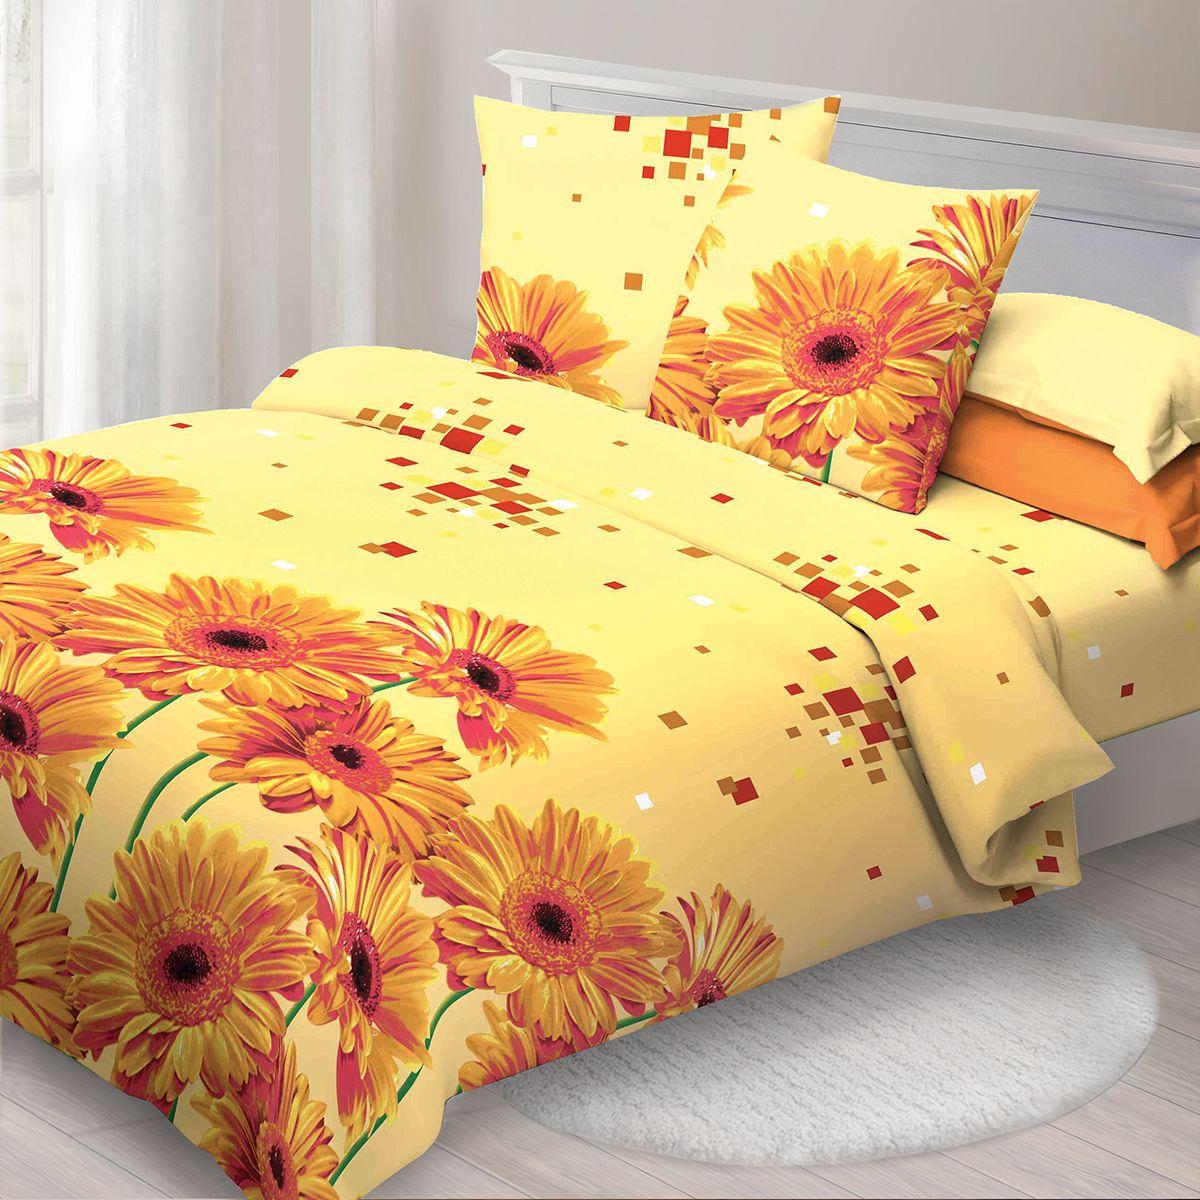 Комплект белья Спал Спалыч Герберы, 2-х спальное, наволочки 70x70, цвет: оранжевый. 3805-182461